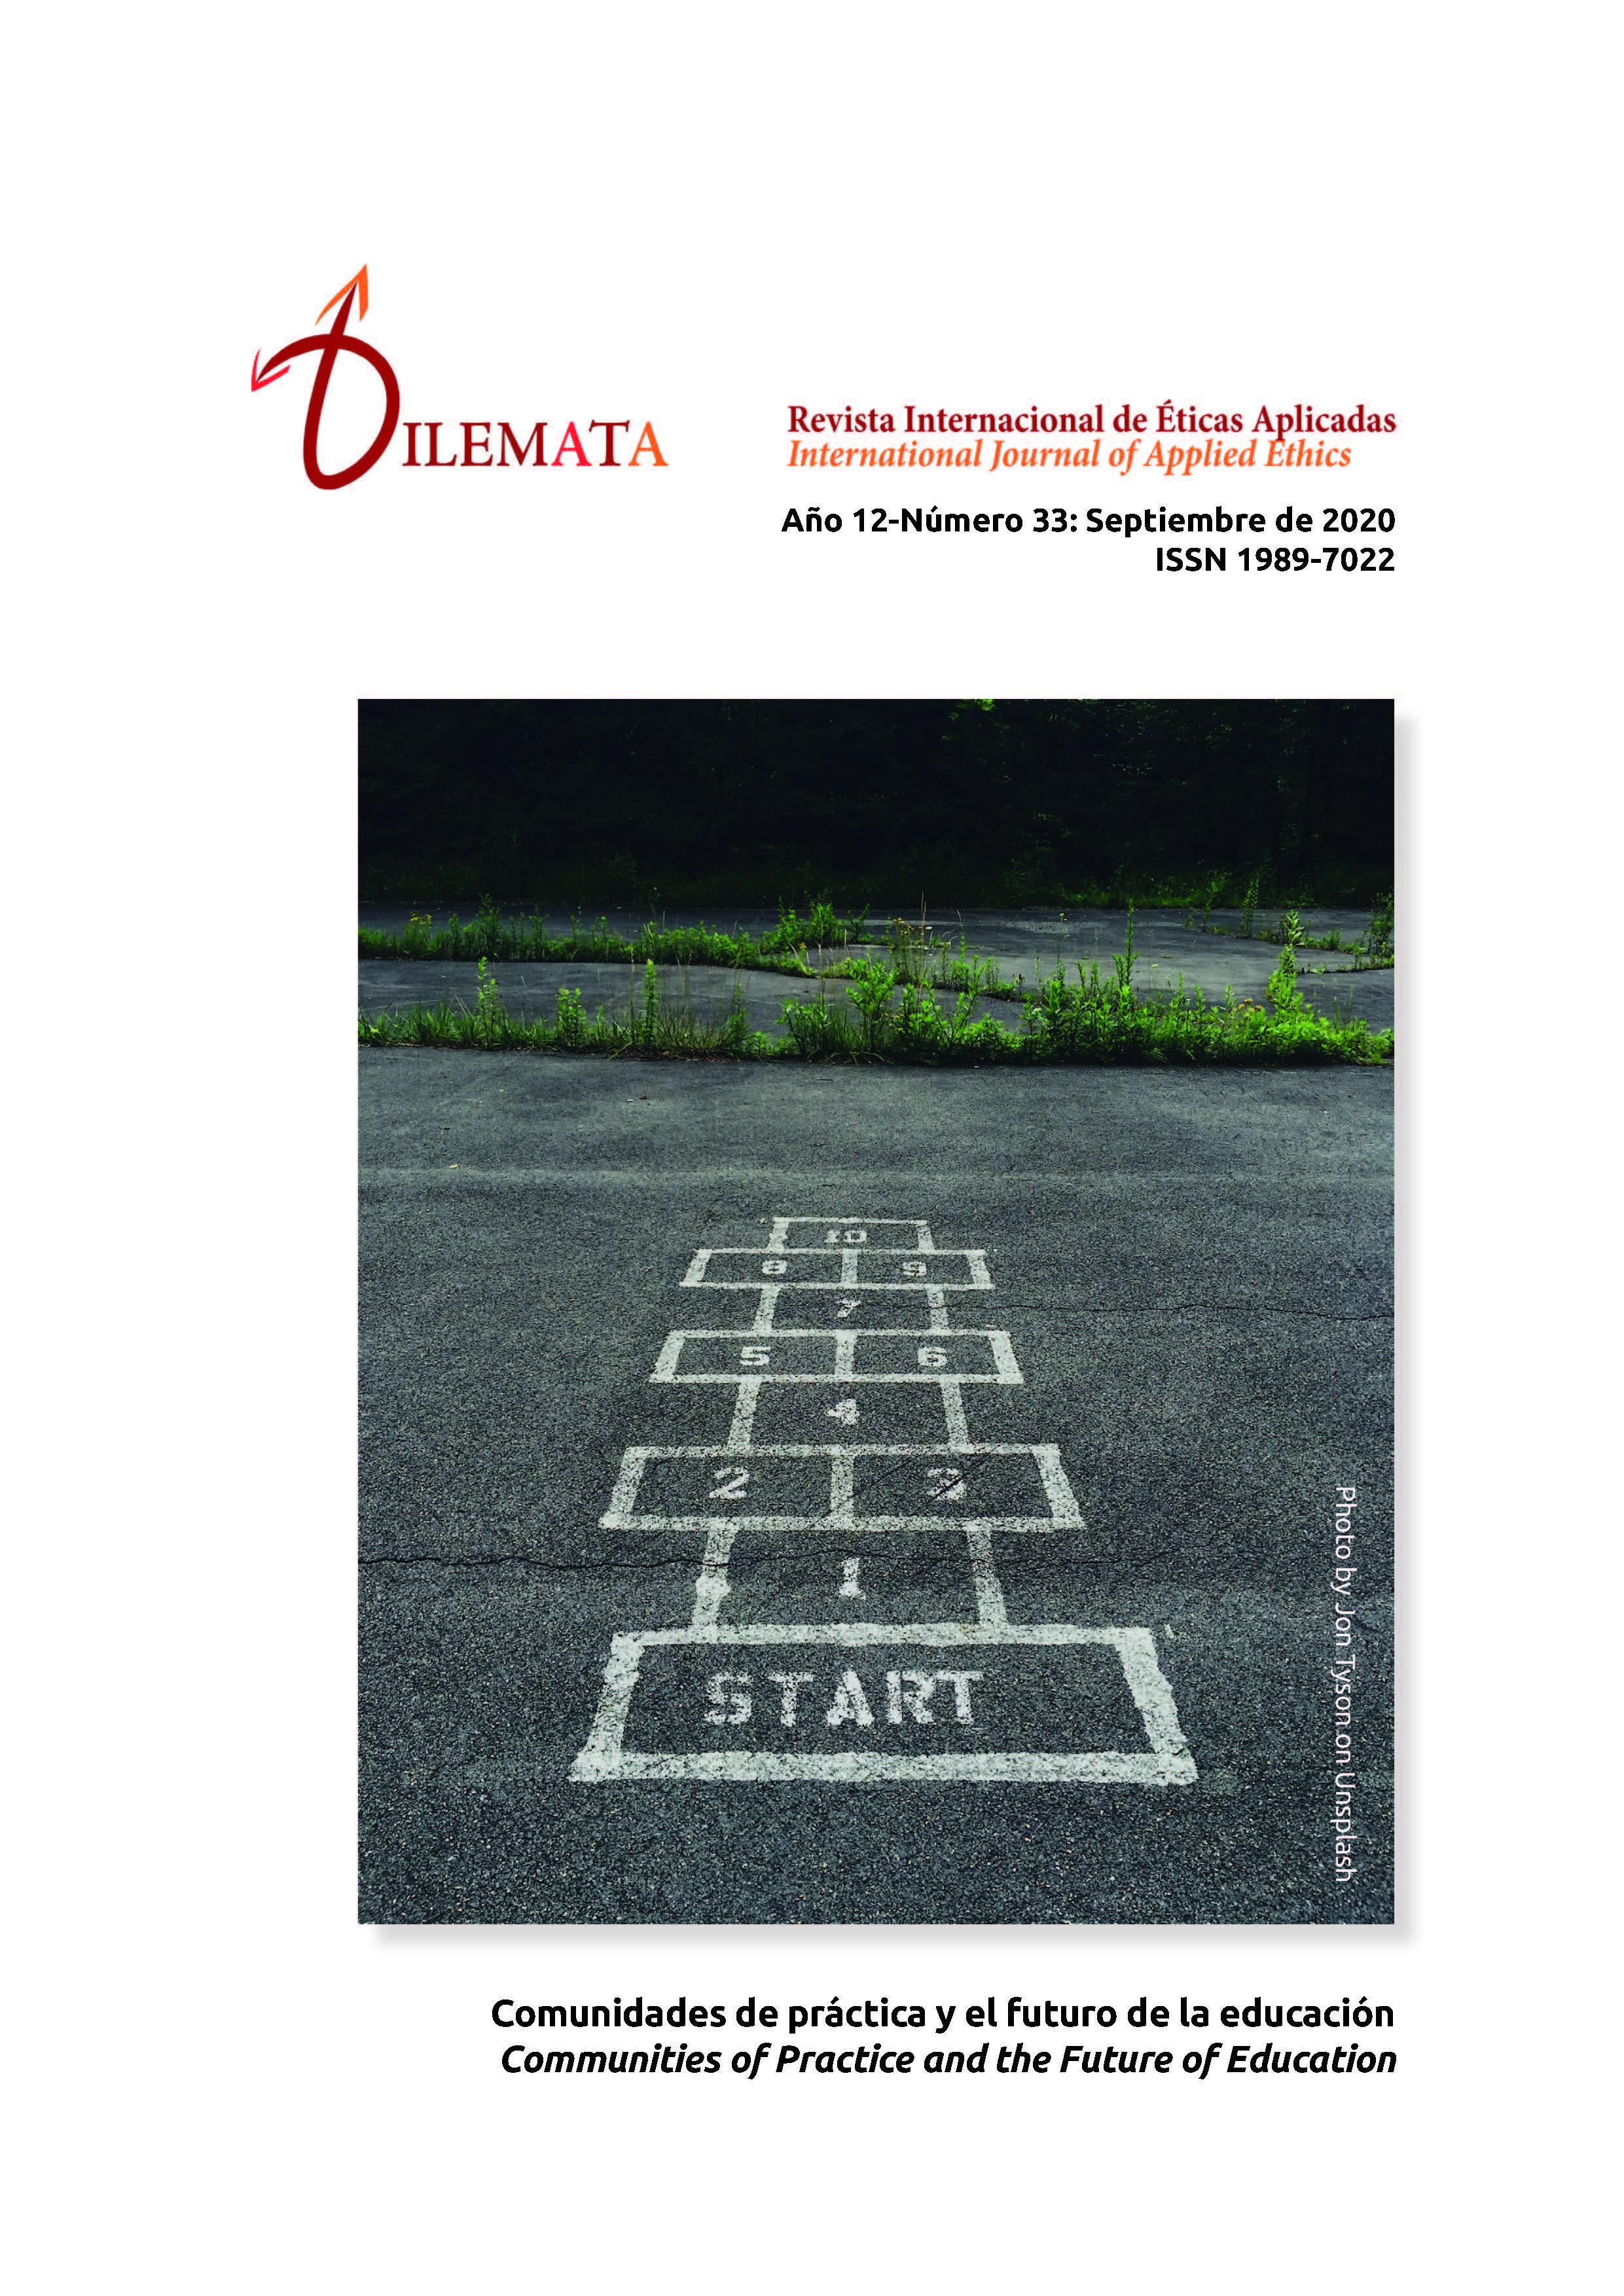 Guía de buenas prácticas en la publicación científica | Dilemata